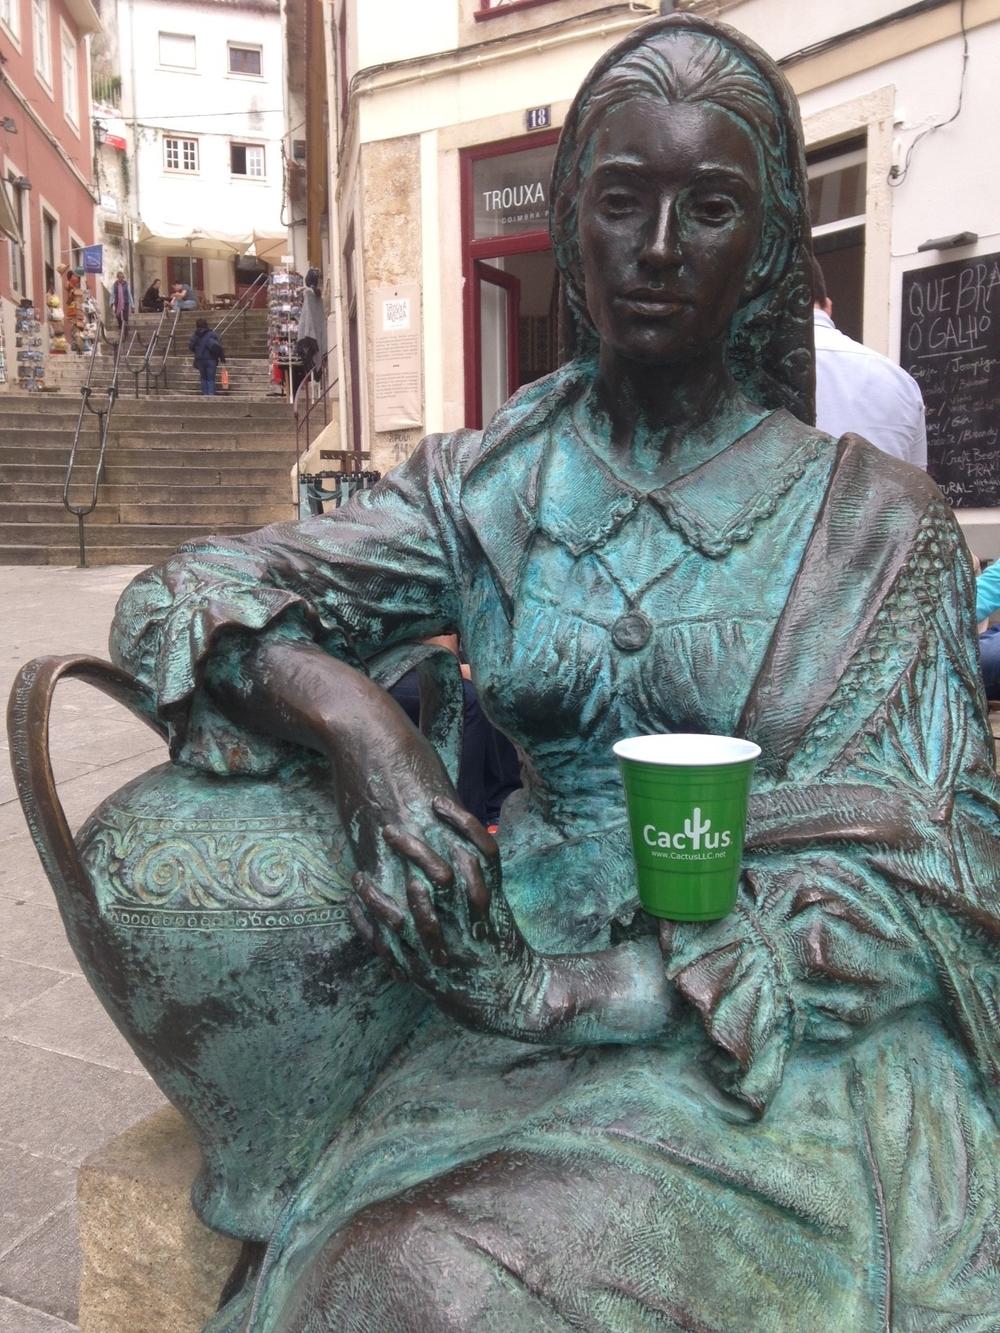 Cactus cup Coimbra, Portugal.jpg